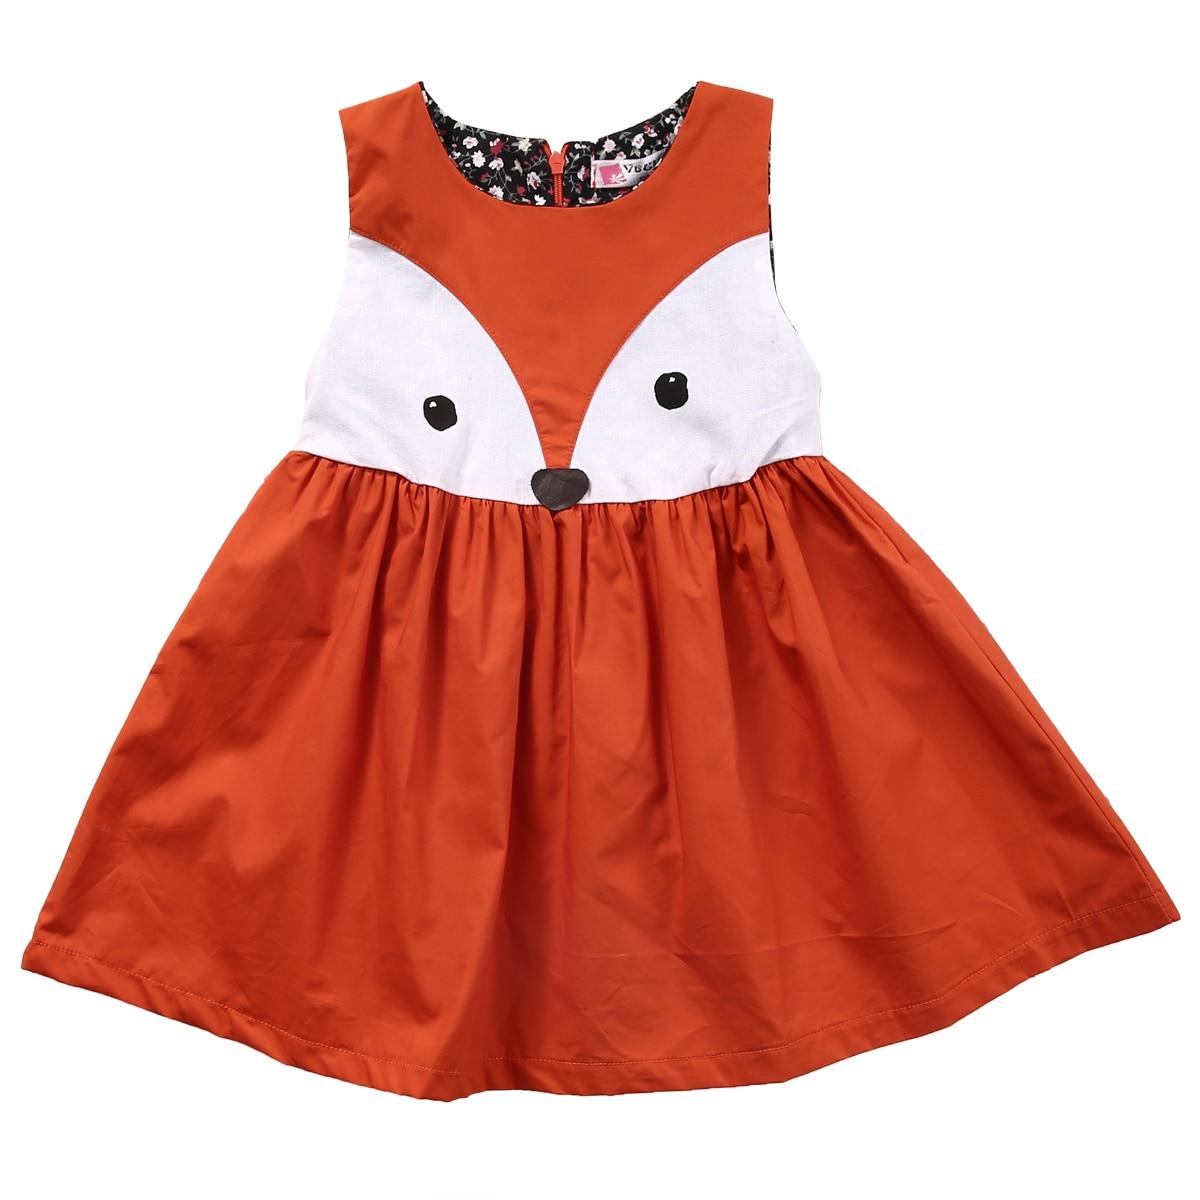 kleidung, schuhe & accessoires kinder baby mädchen 1